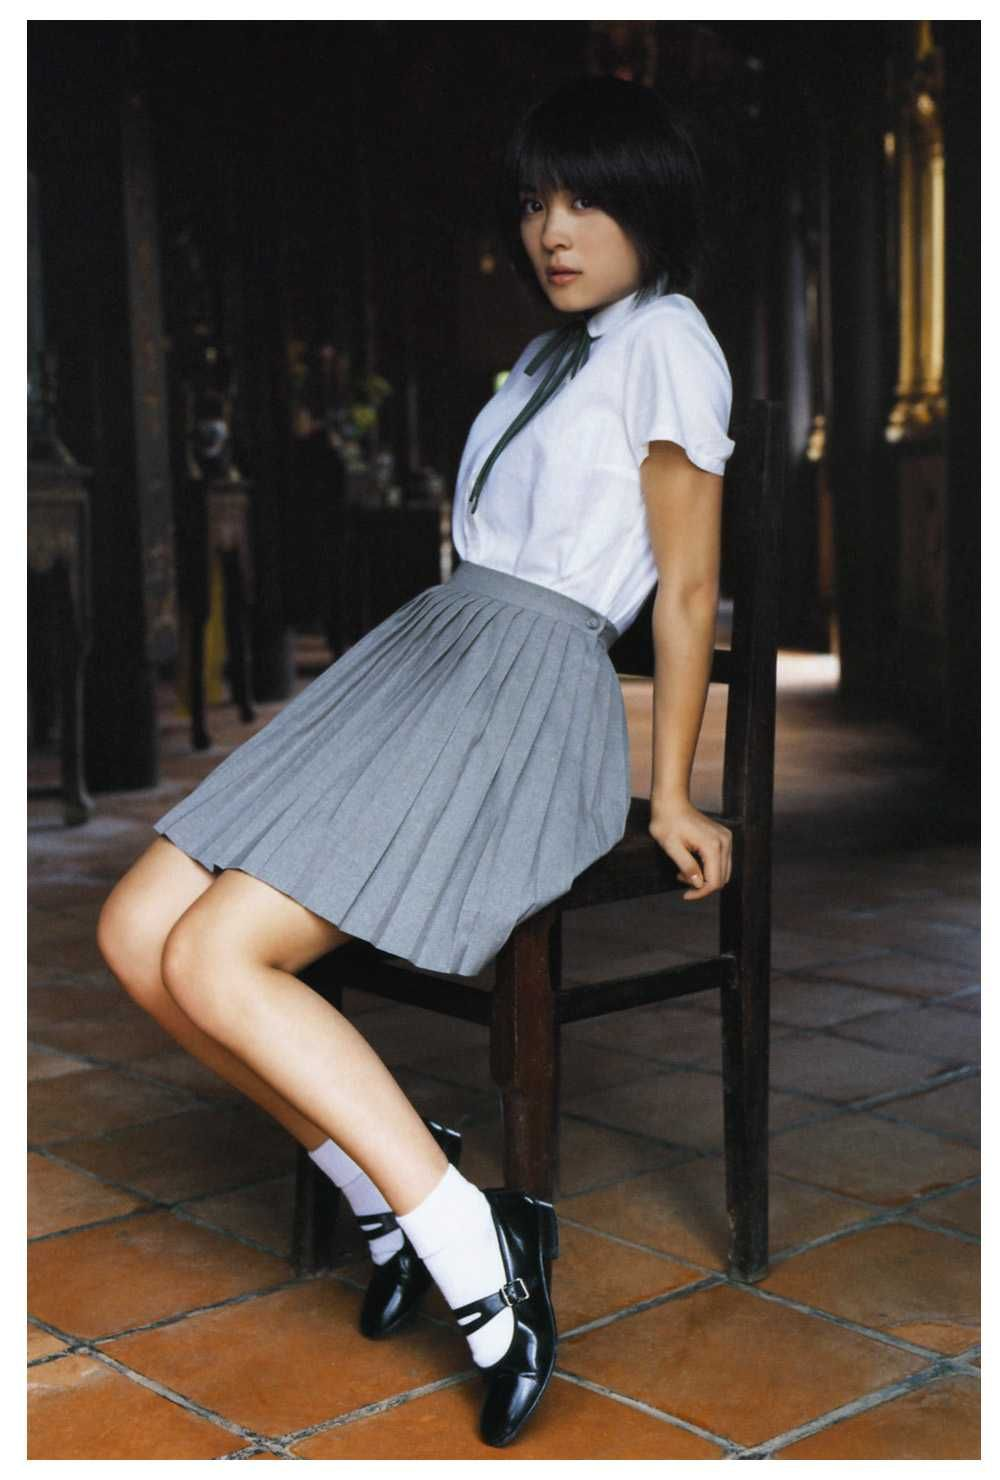 北乃きいさん 見て和む画像壁紙集 まとめアットウィキ Pleated Mini Skirt Girl Outfits Mini Skirts